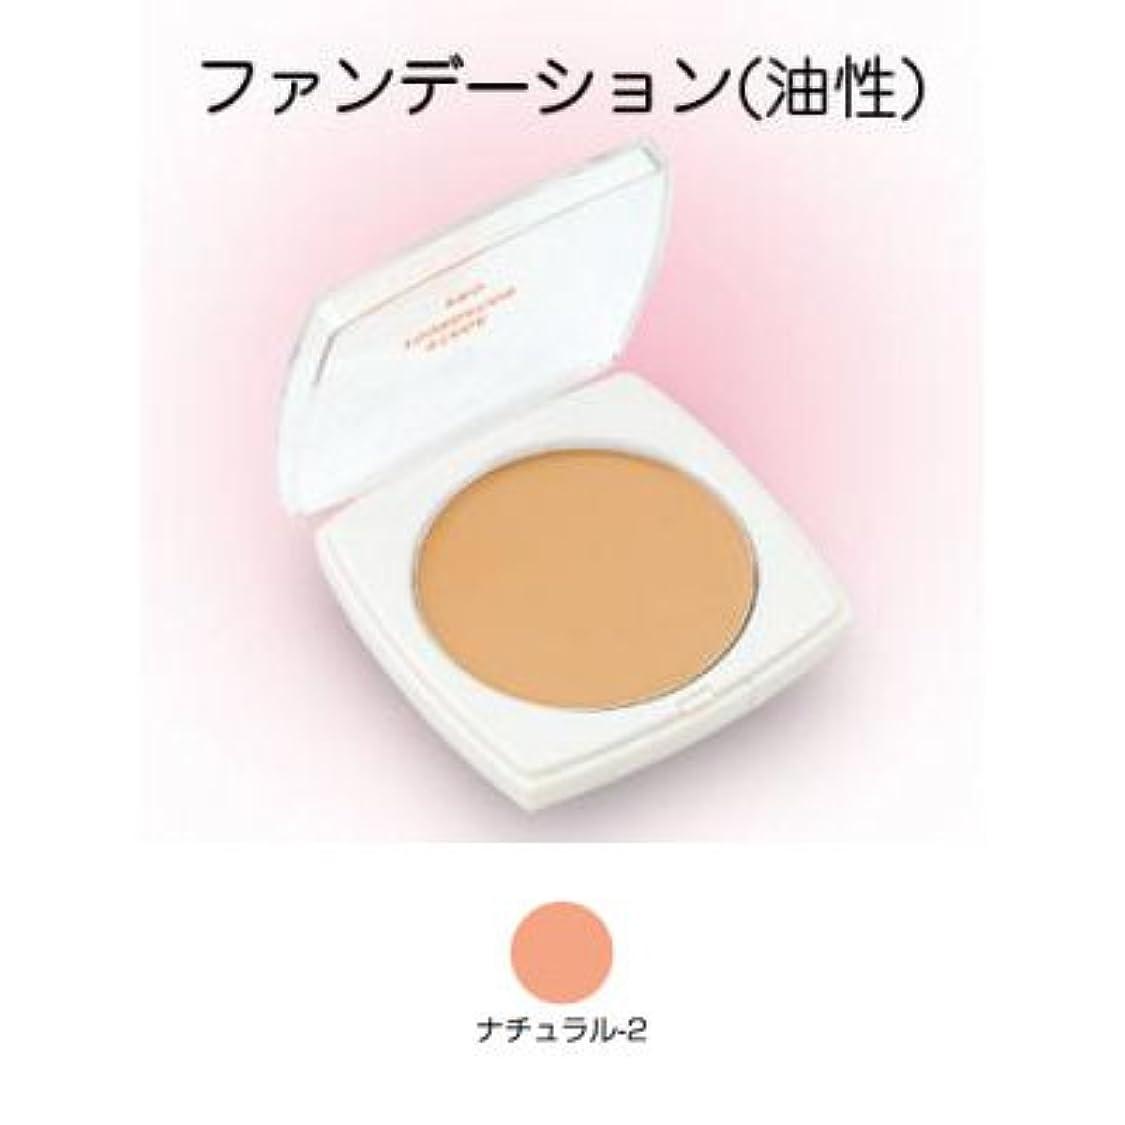 選択発生器聖なるステージファンデーション プロ 13g ナチュラル-2 【三善】